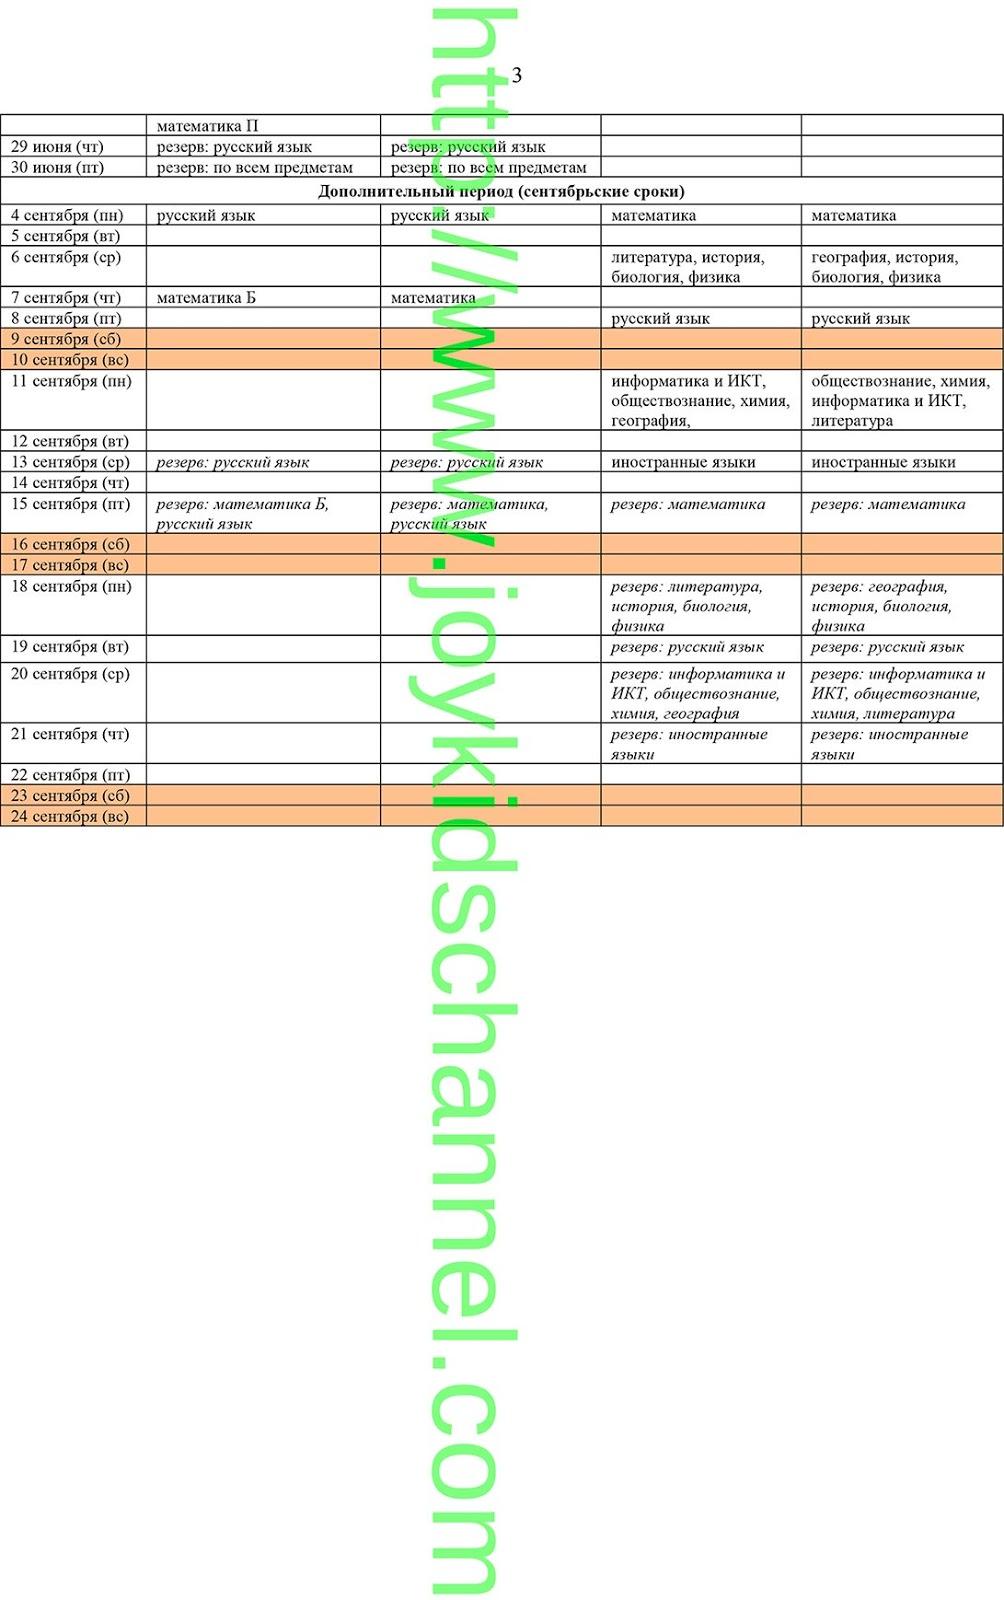 Основной государственный экзамен (ОГЭ), Единый государственный экзамен (ЕГЭ), Государственный выпускной экзамен (ГВЭ) Расписание проведения единого государственного экзамена, основного государственного экзамена и государственного выпускного экзамена в 2017 году.